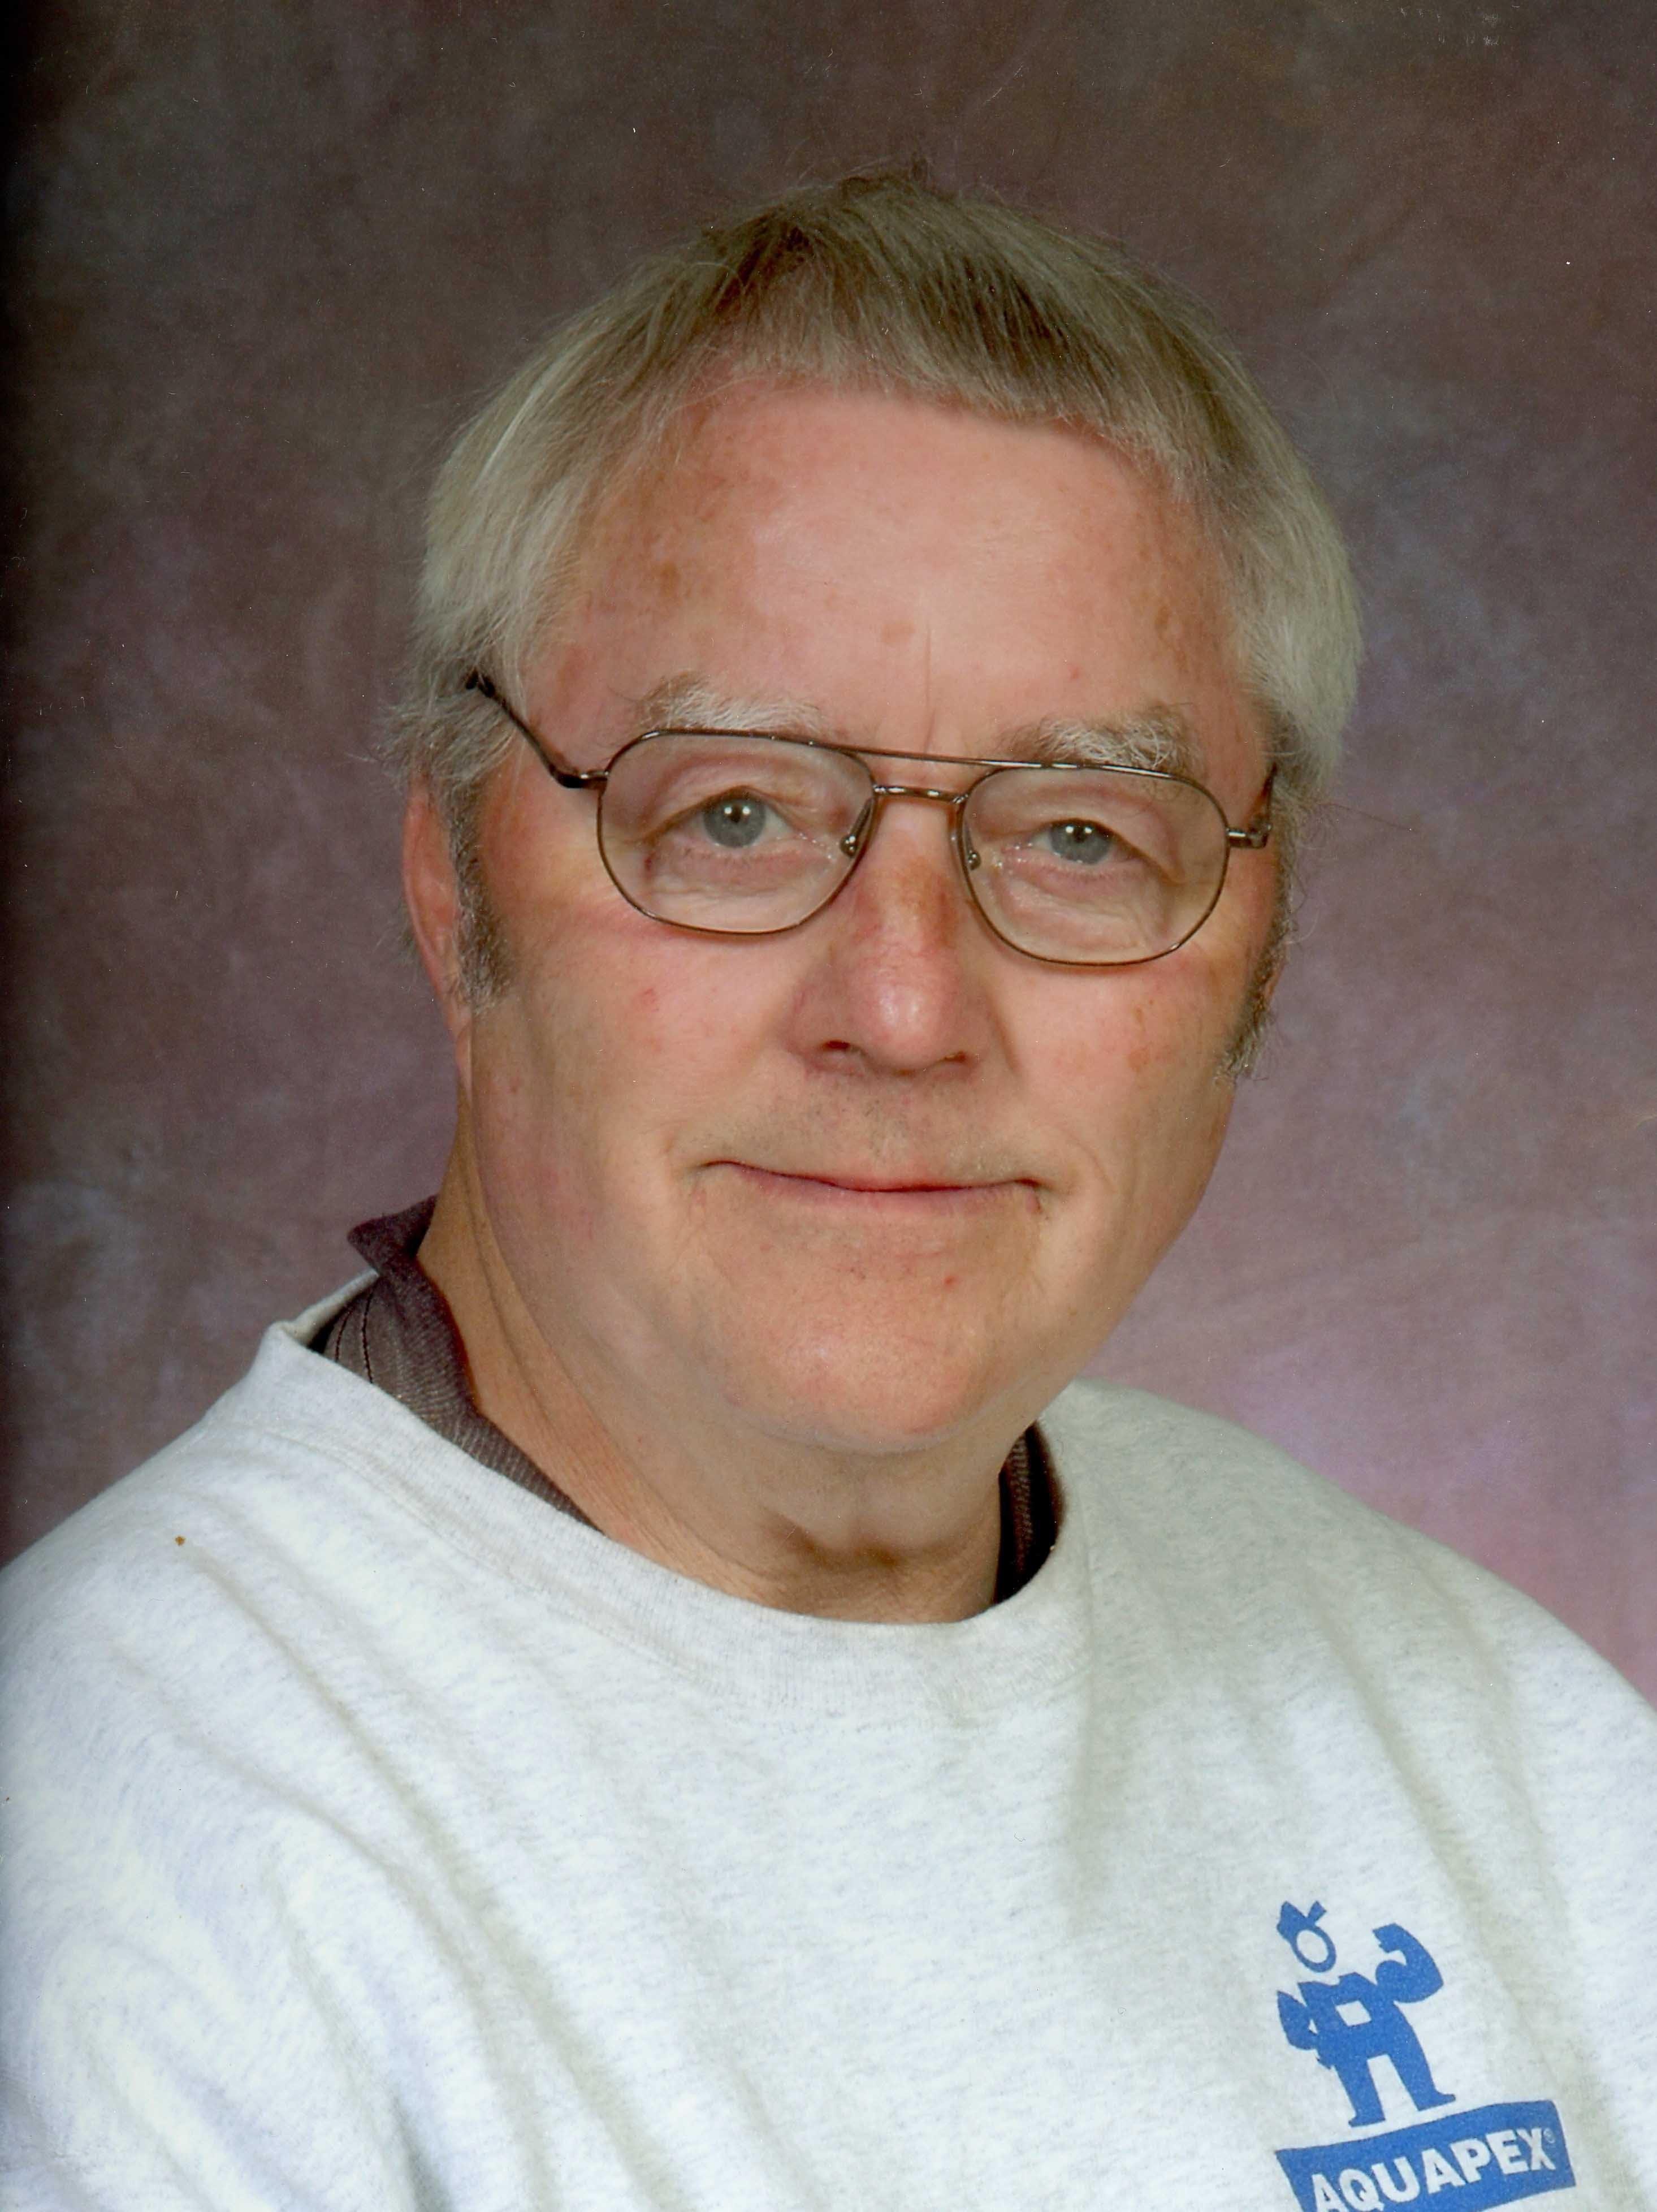 Vincent Dean Austin